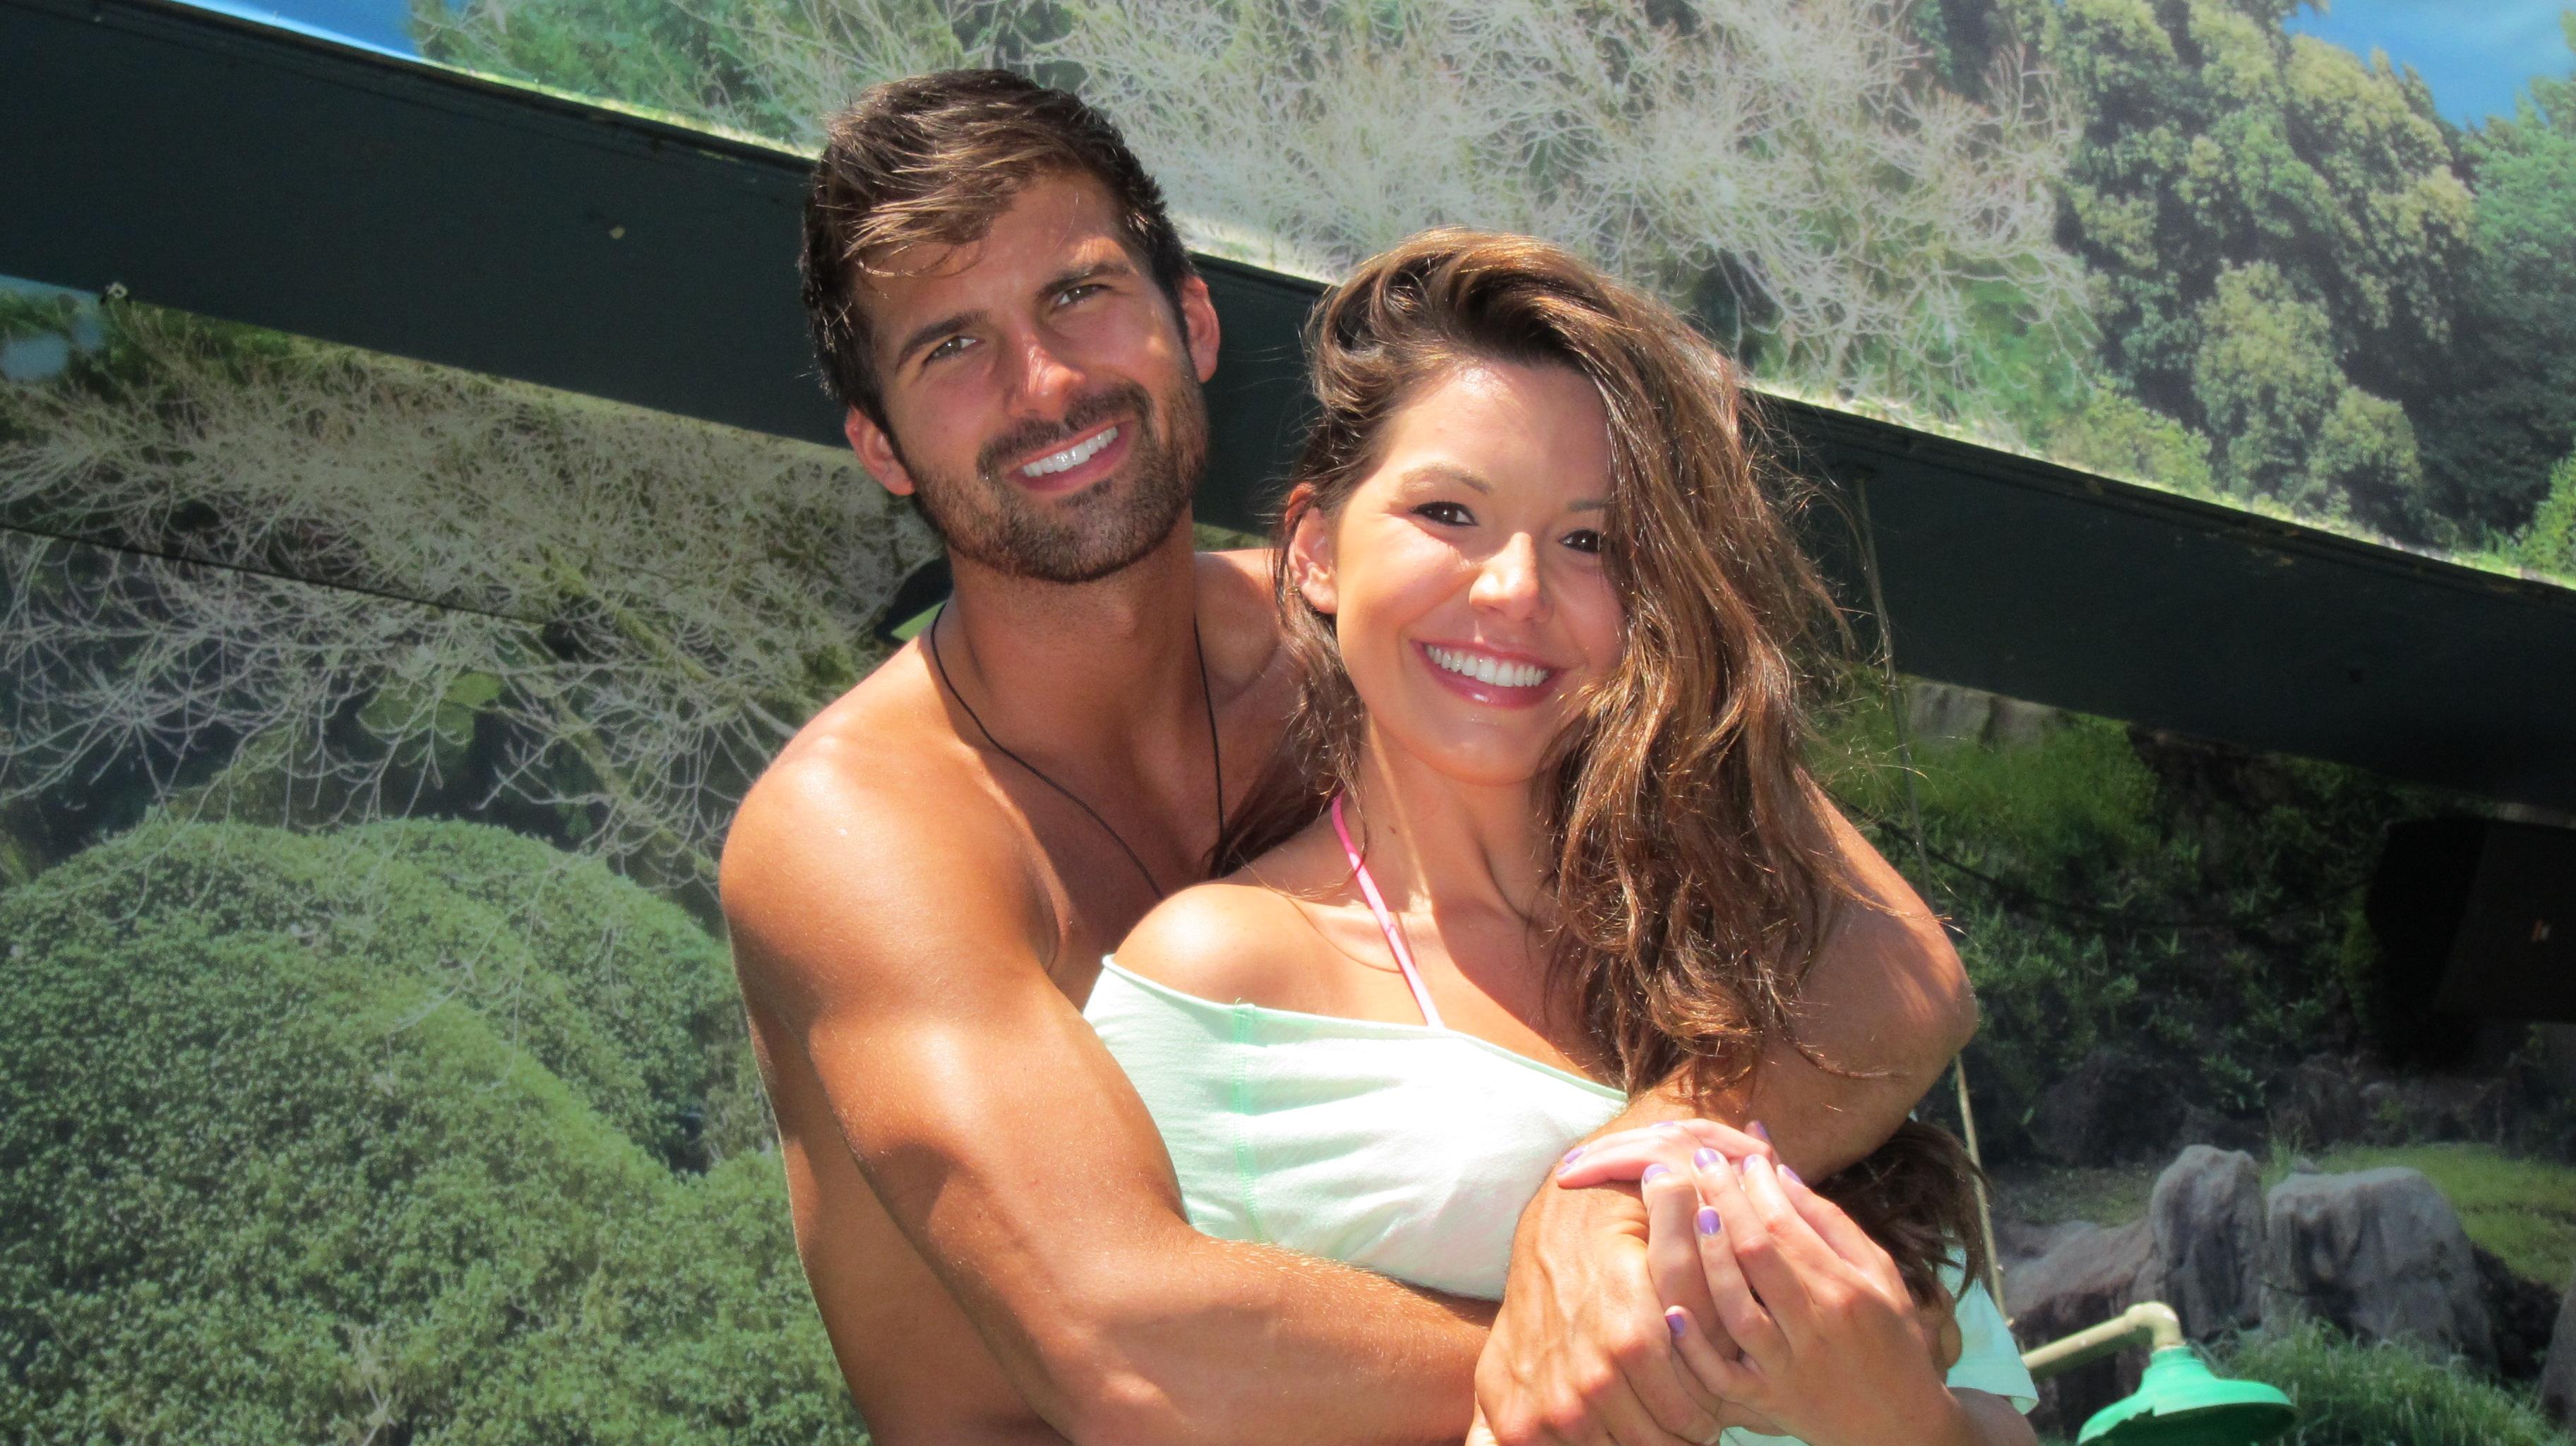 Shane and Danielle